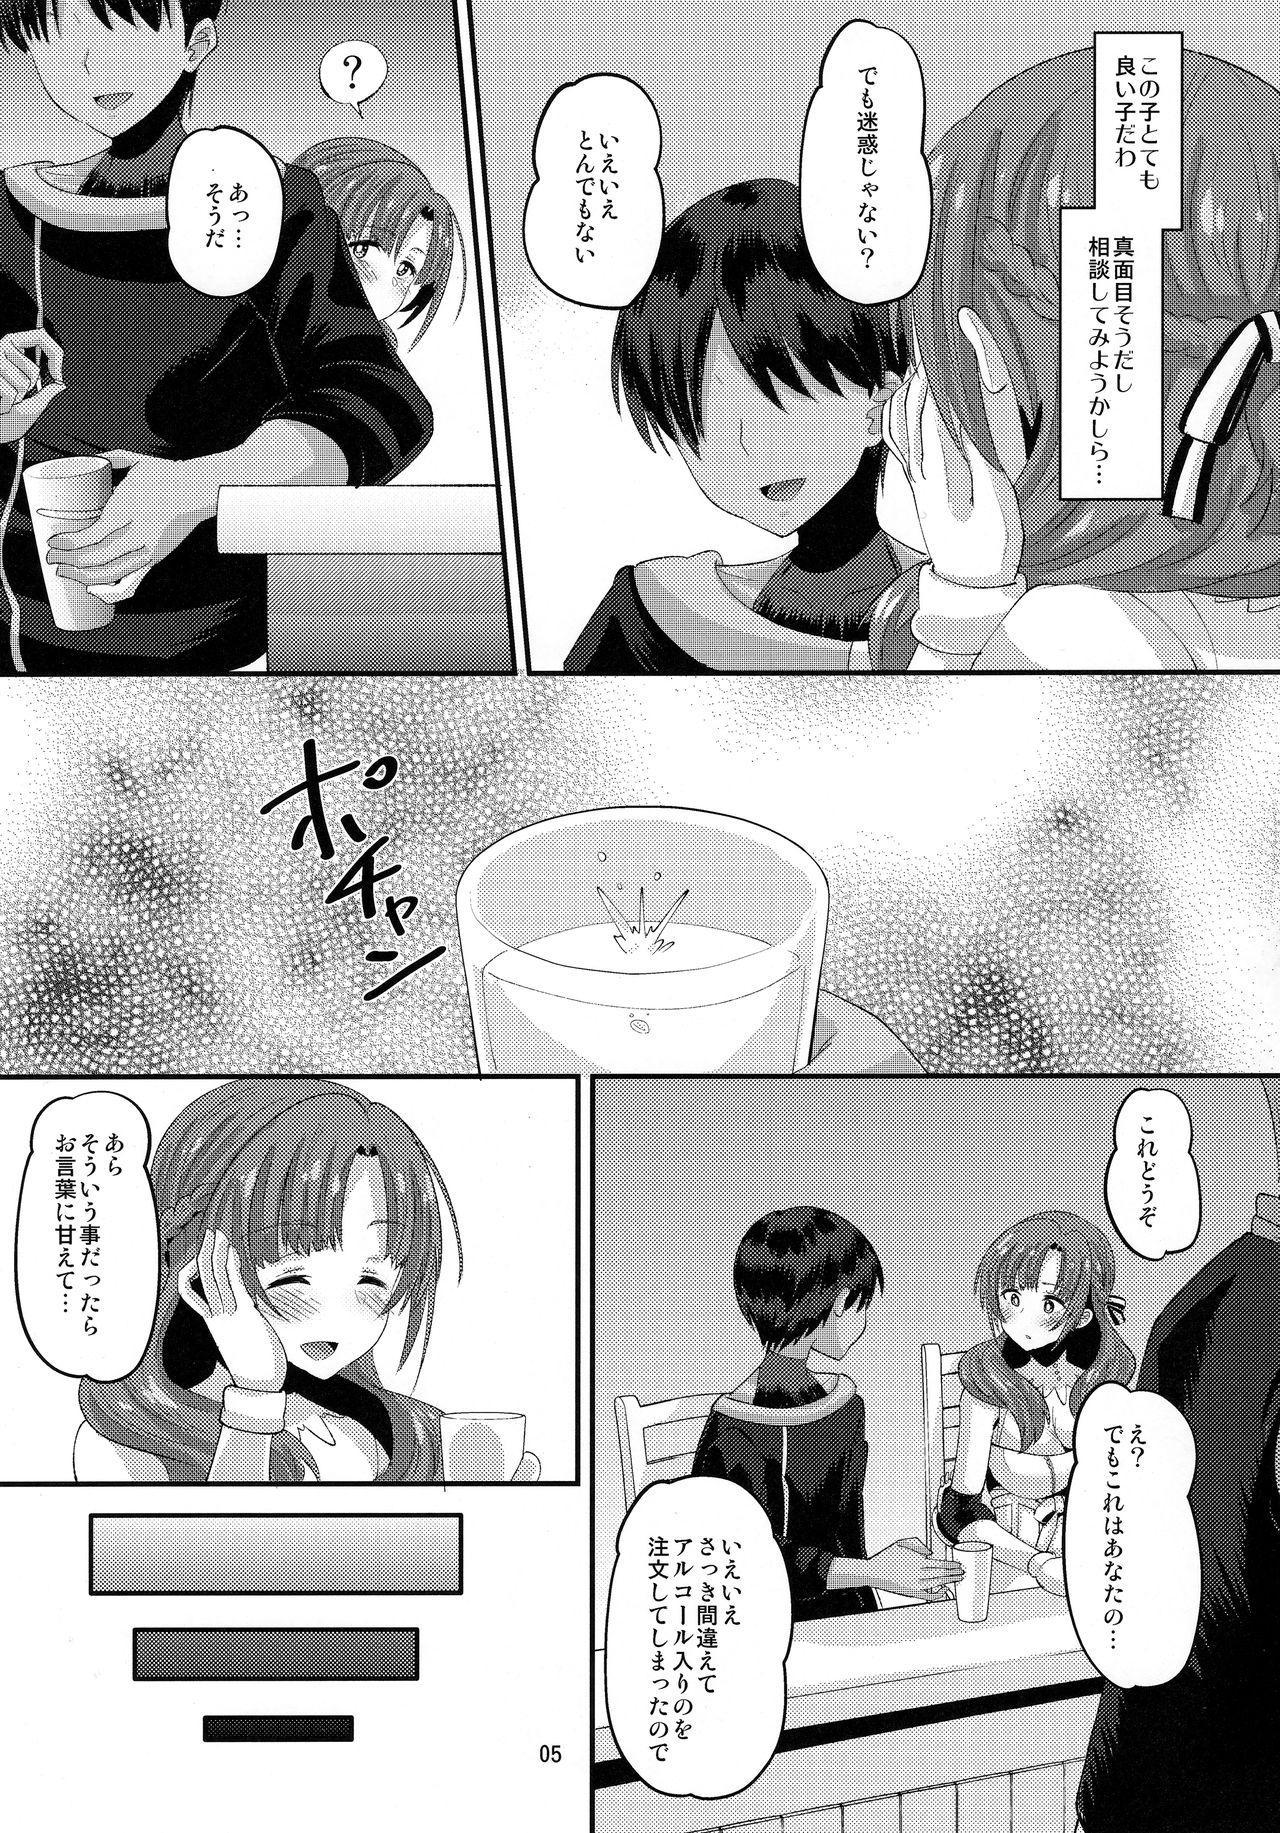 Musuko to Onaji Toshigoro no Otoko ni Otosareru Okaa-san wa Suki desu ka? 3